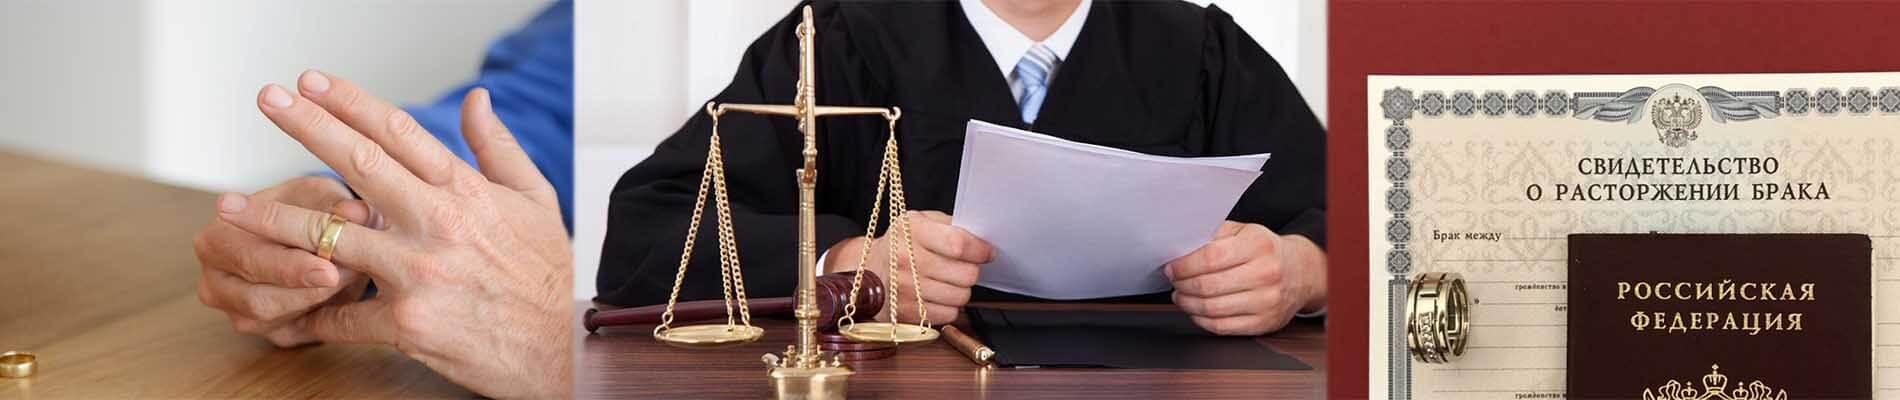 Расторжение брака через суд СПб